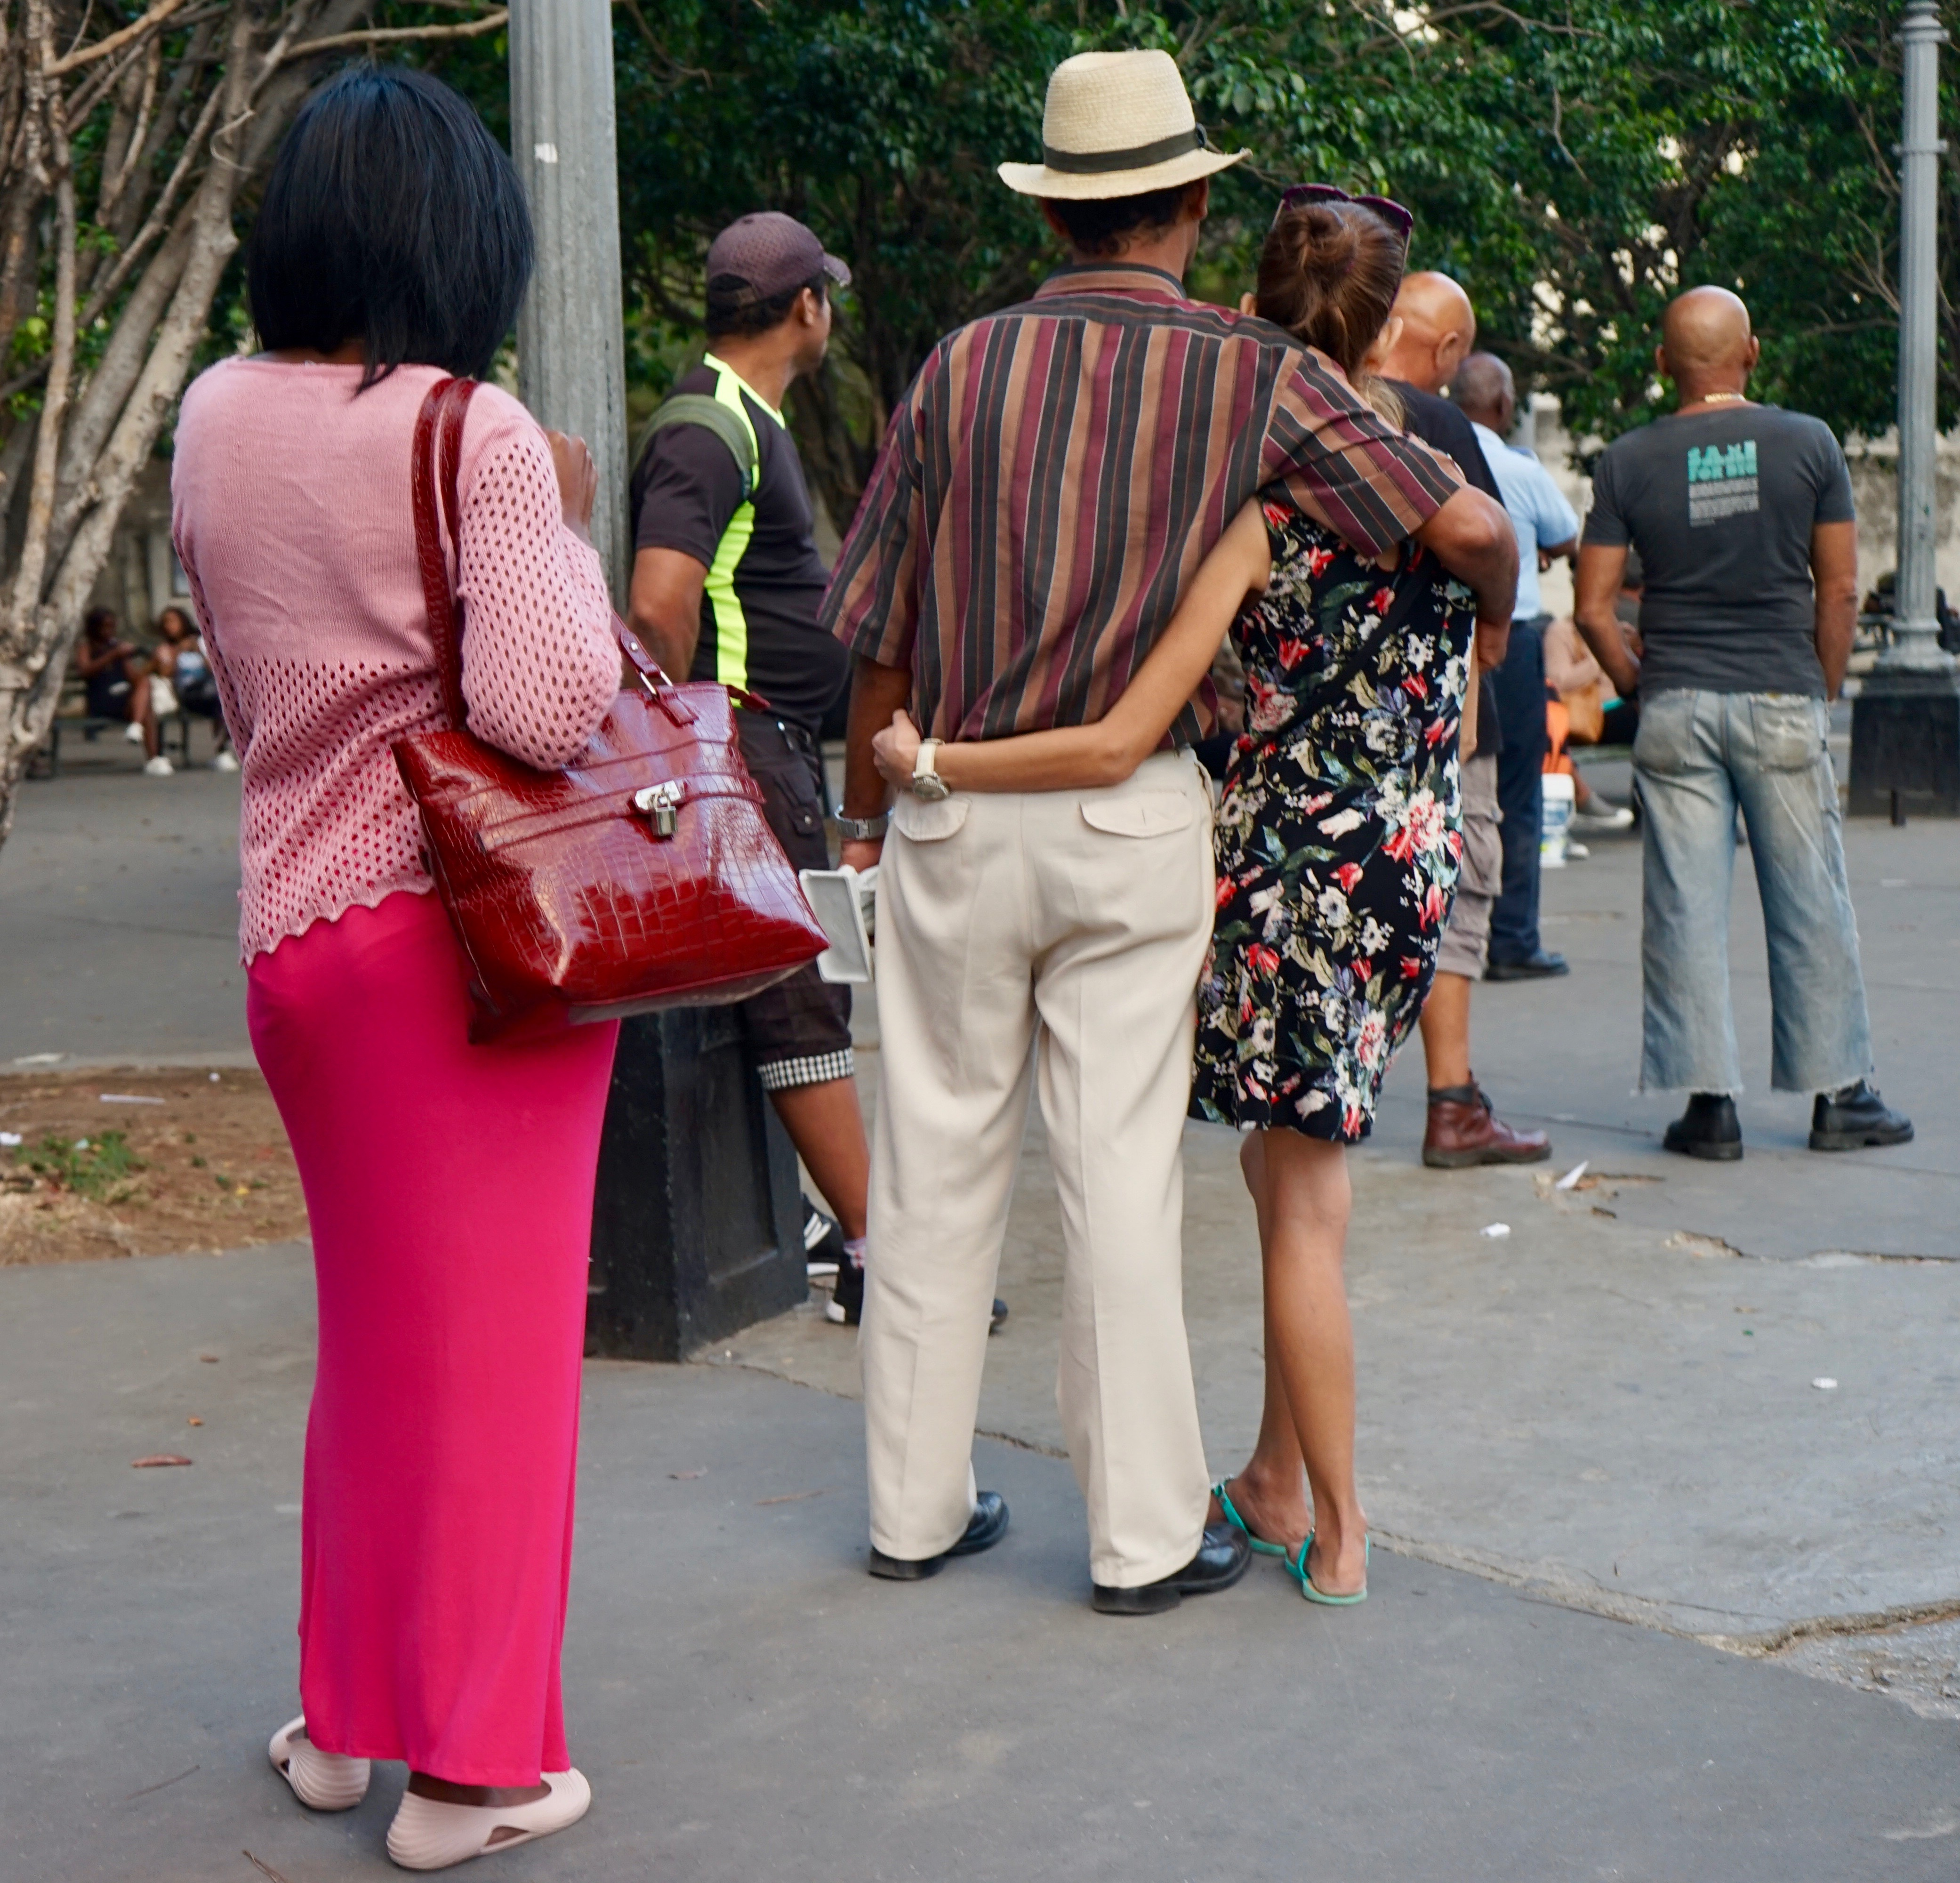 Placita de la calle L. La Habana.